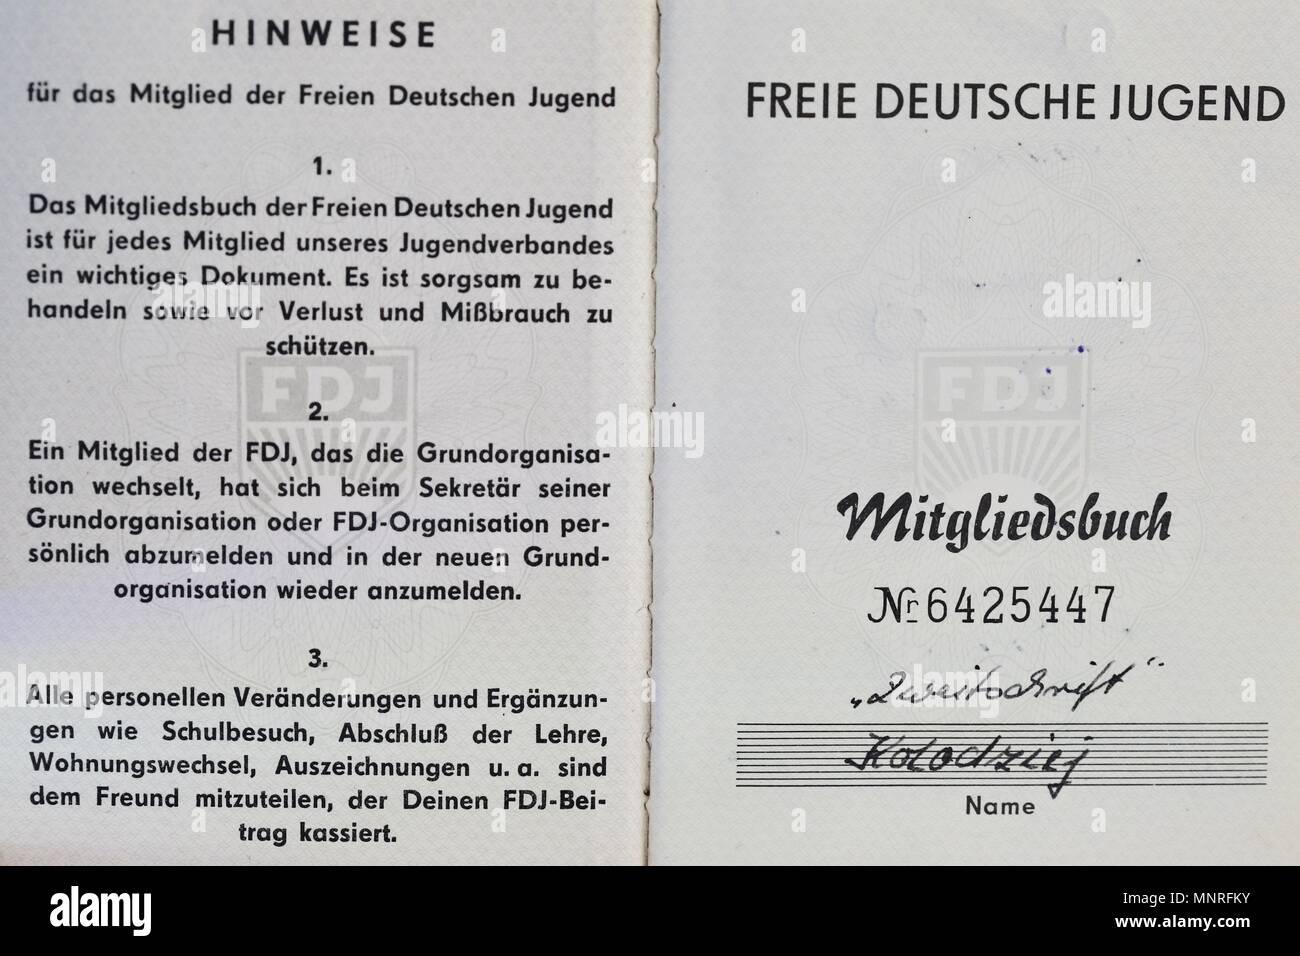 FDJ Freie Deutsche Jugend composición libro. 1960, 1970. Pertenecientes a Thomas Koladzieg nacido 15/5/1949. Imagen De Stock